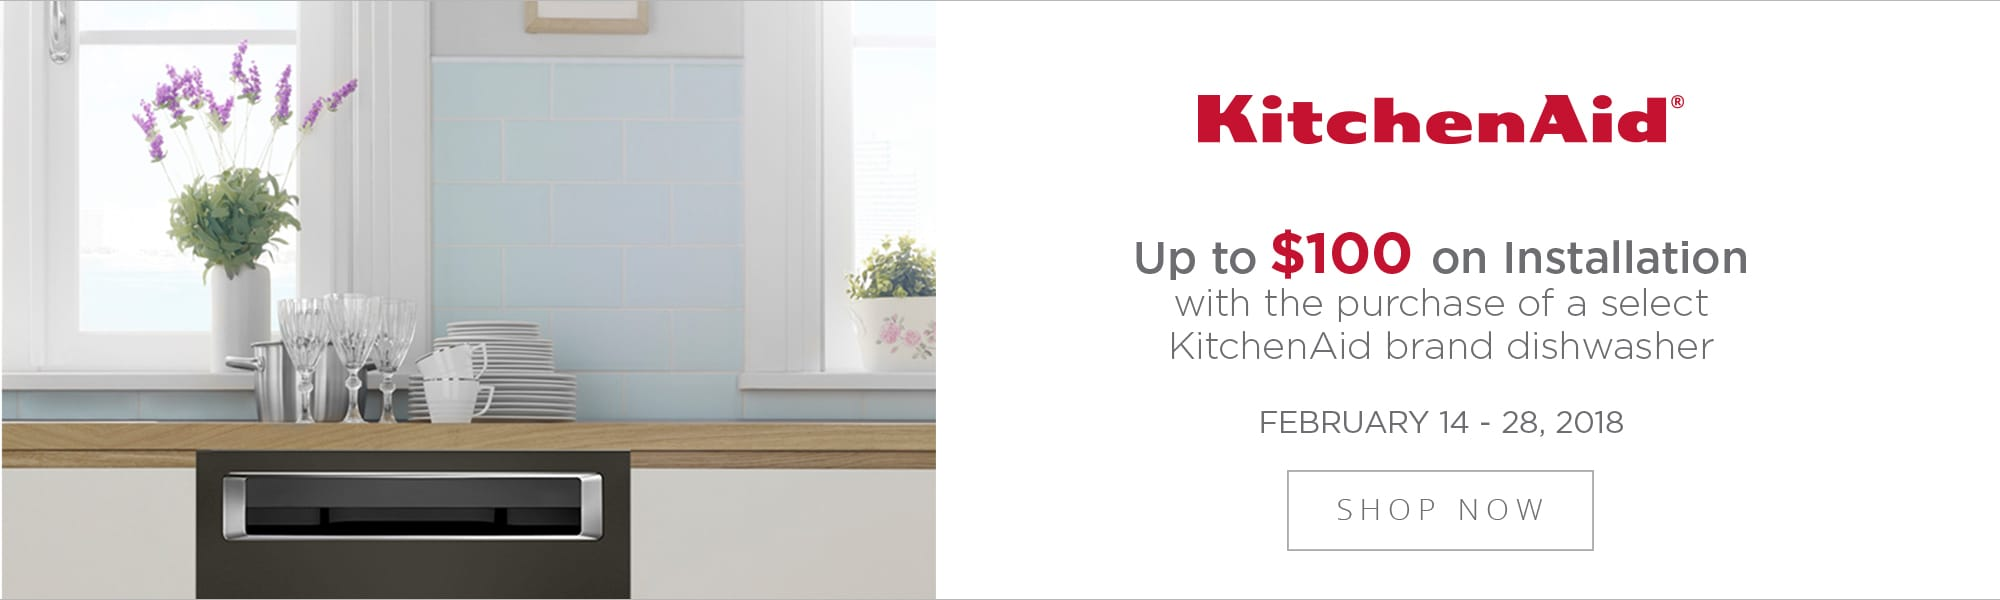 Kitchen Aid 100 off dishwasher install